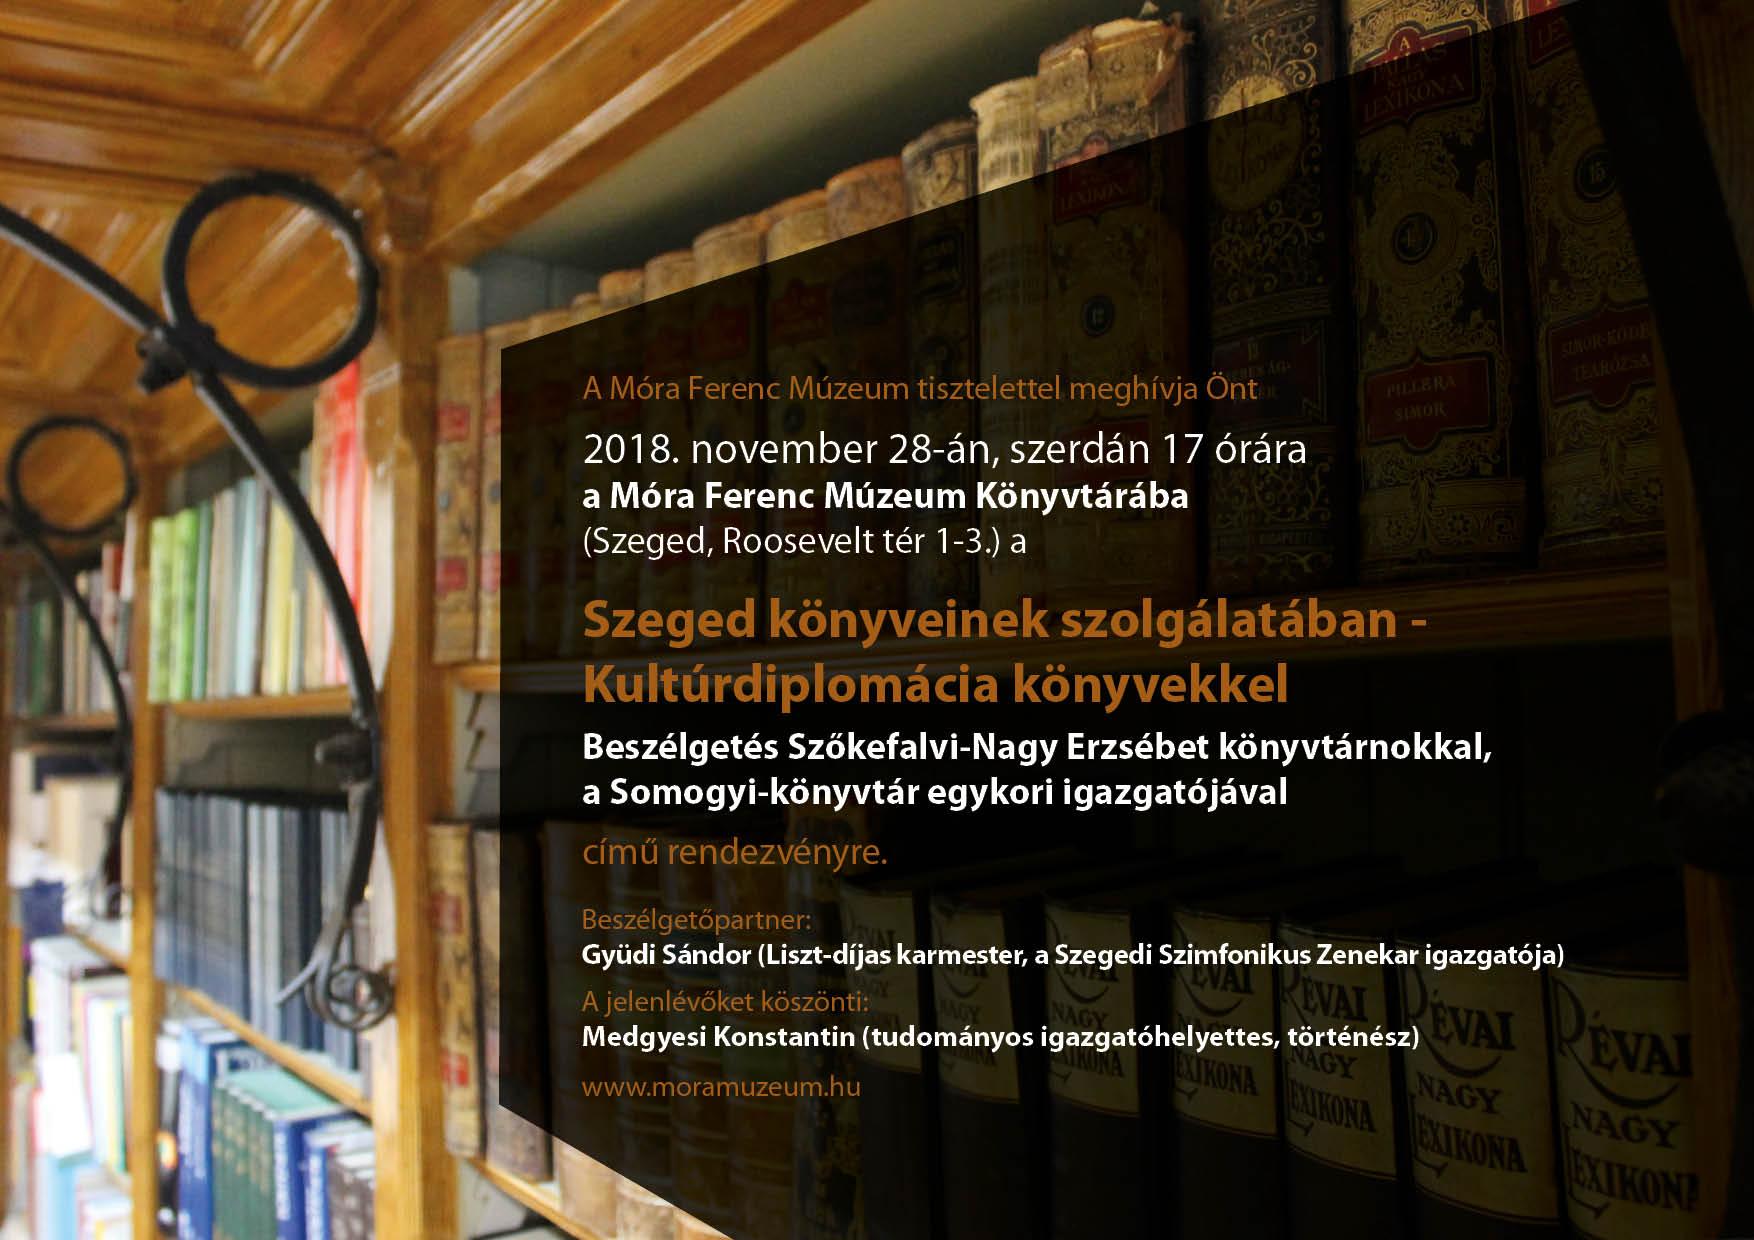 Szeged könyveinek szolgálatában